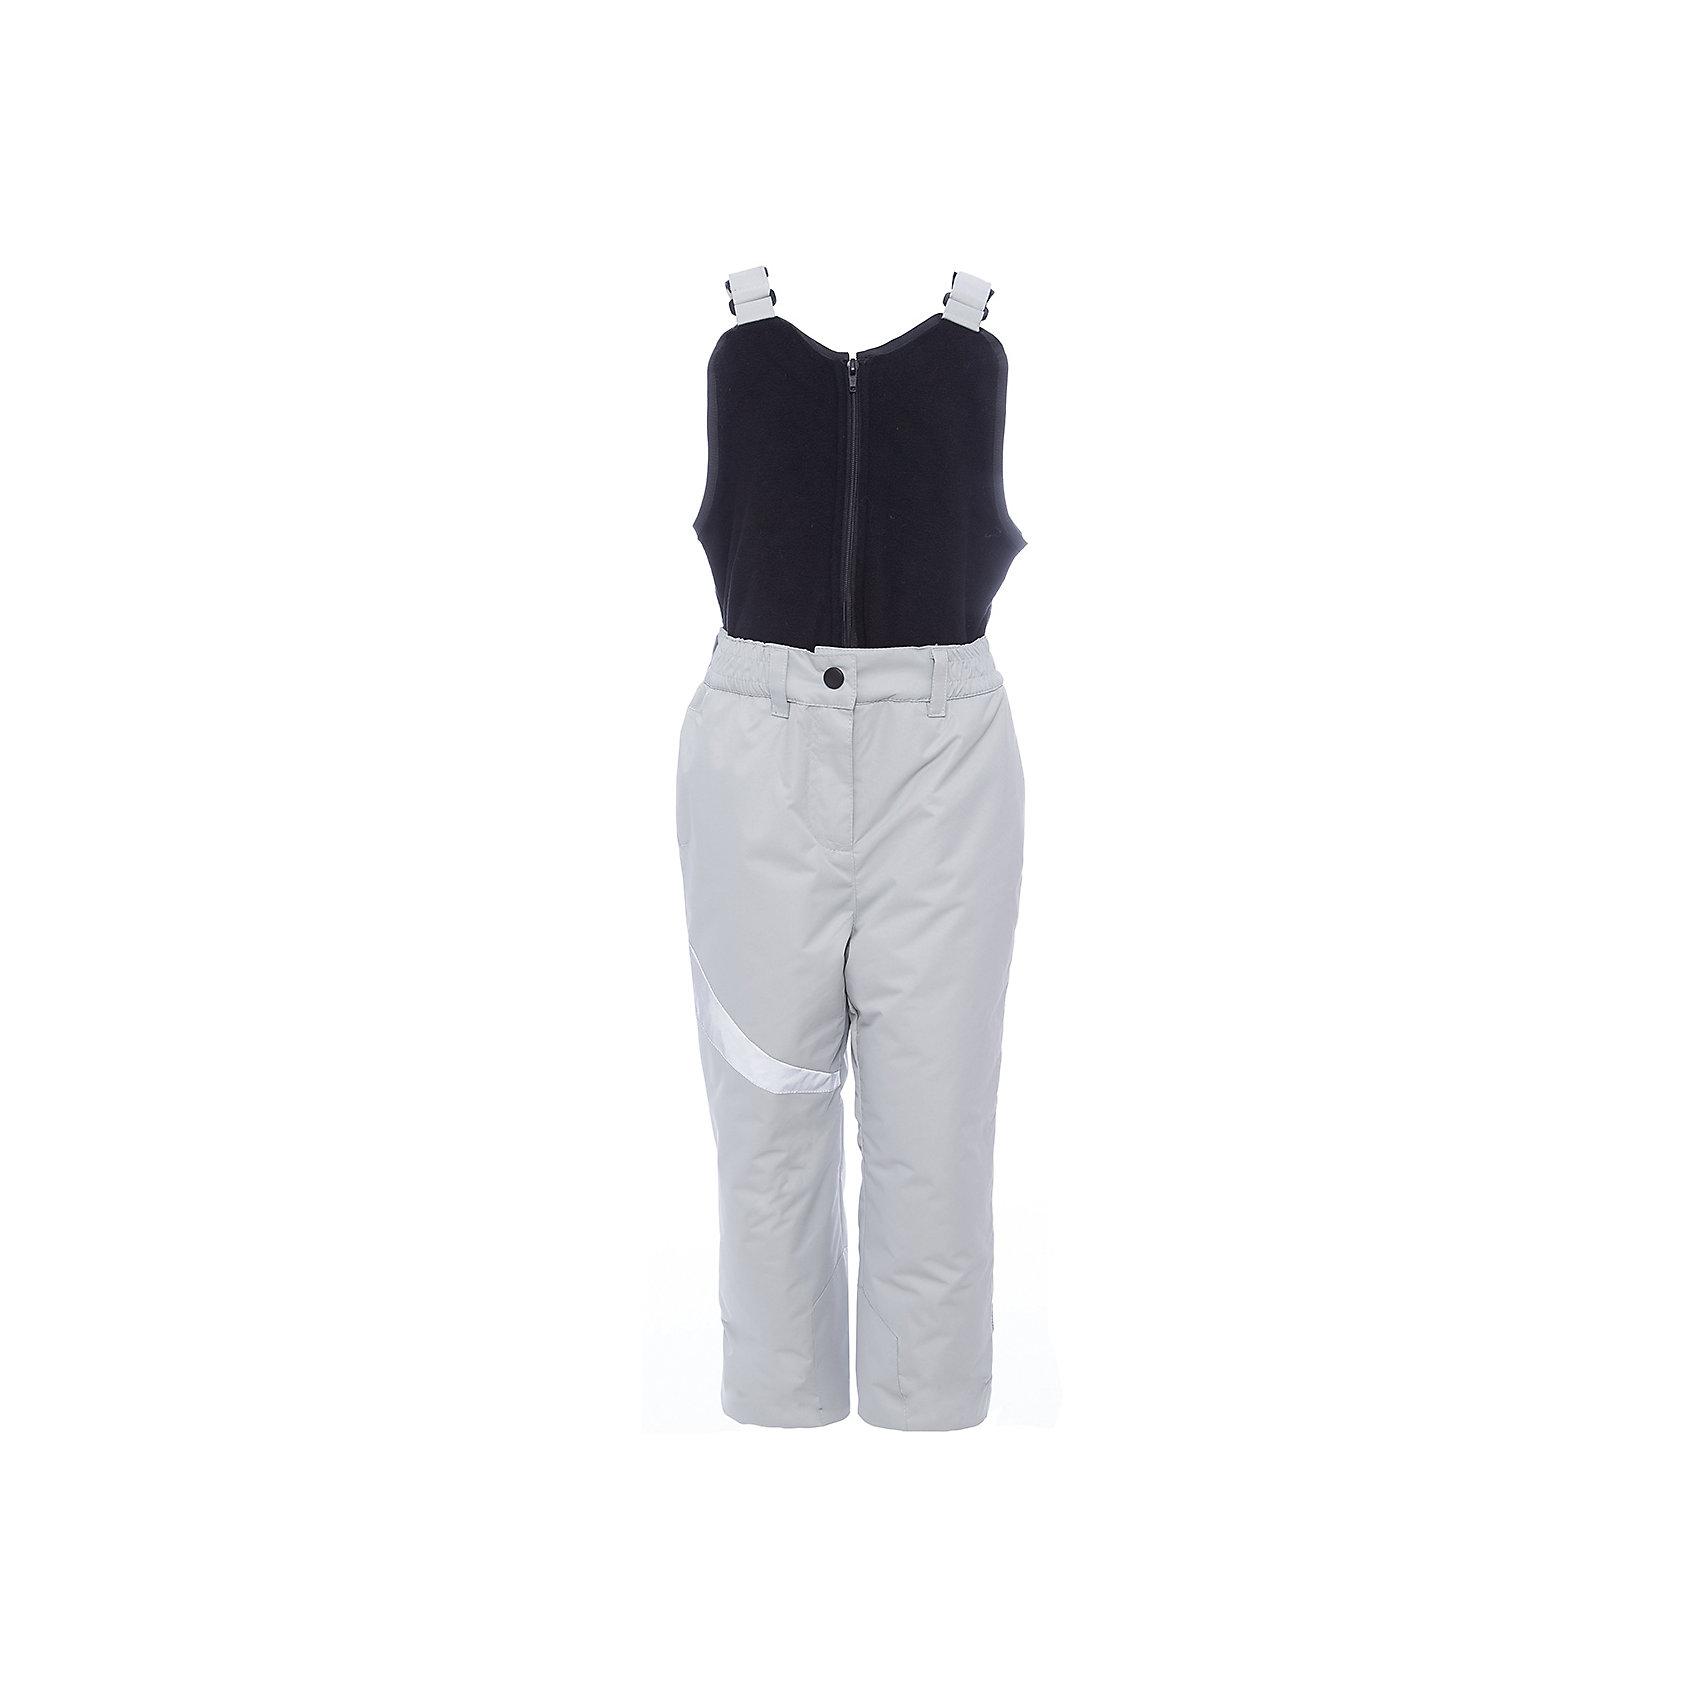 Полукомбинезон BOOM by Orby для девочкиВерхняя одежда<br>Характеристики товара:<br><br>• цвет: серый<br>• состав ткани: таффета фактурная <br>• подкладка: полиэстер пуходержащий<br>• утеплитель: эко синтепон<br>• сезон: зима<br>• мембранное покрытие<br>• температурный режим: от 0 до -30С<br>• водонепроницаемость: 3000 мм <br>• паропроницаемость: 3000 г/м2<br>• плотность утеплителя: 200 г/м2<br>• застежка: молния <br>• страна бренда: Россия<br>• страна изготовитель: Россия<br><br>Мембранный полукомбинезон для девочки поможет защитить ребенка от холода в морозы. Детский зимний полукомбинезон дополнен водо- и ветрозащитным мембранным слоем. Практичный детский полукомбинезон отлично подойдет для зимних холодов - в этом полукомбинезоне для ребенка хороший утеплитель. <br><br>Полукомбинезон для девочки BOOM by Orby (Бум бай Орби) можно купить в нашем интернет-магазине.<br><br>Ширина мм: 215<br>Глубина мм: 88<br>Высота мм: 191<br>Вес г: 336<br>Цвет: серый<br>Возраст от месяцев: 60<br>Возраст до месяцев: 72<br>Пол: Женский<br>Возраст: Детский<br>Размер: 116,170,86,92,98,104,110,122,128,134,140,146,152,158,164<br>SKU: 7090532